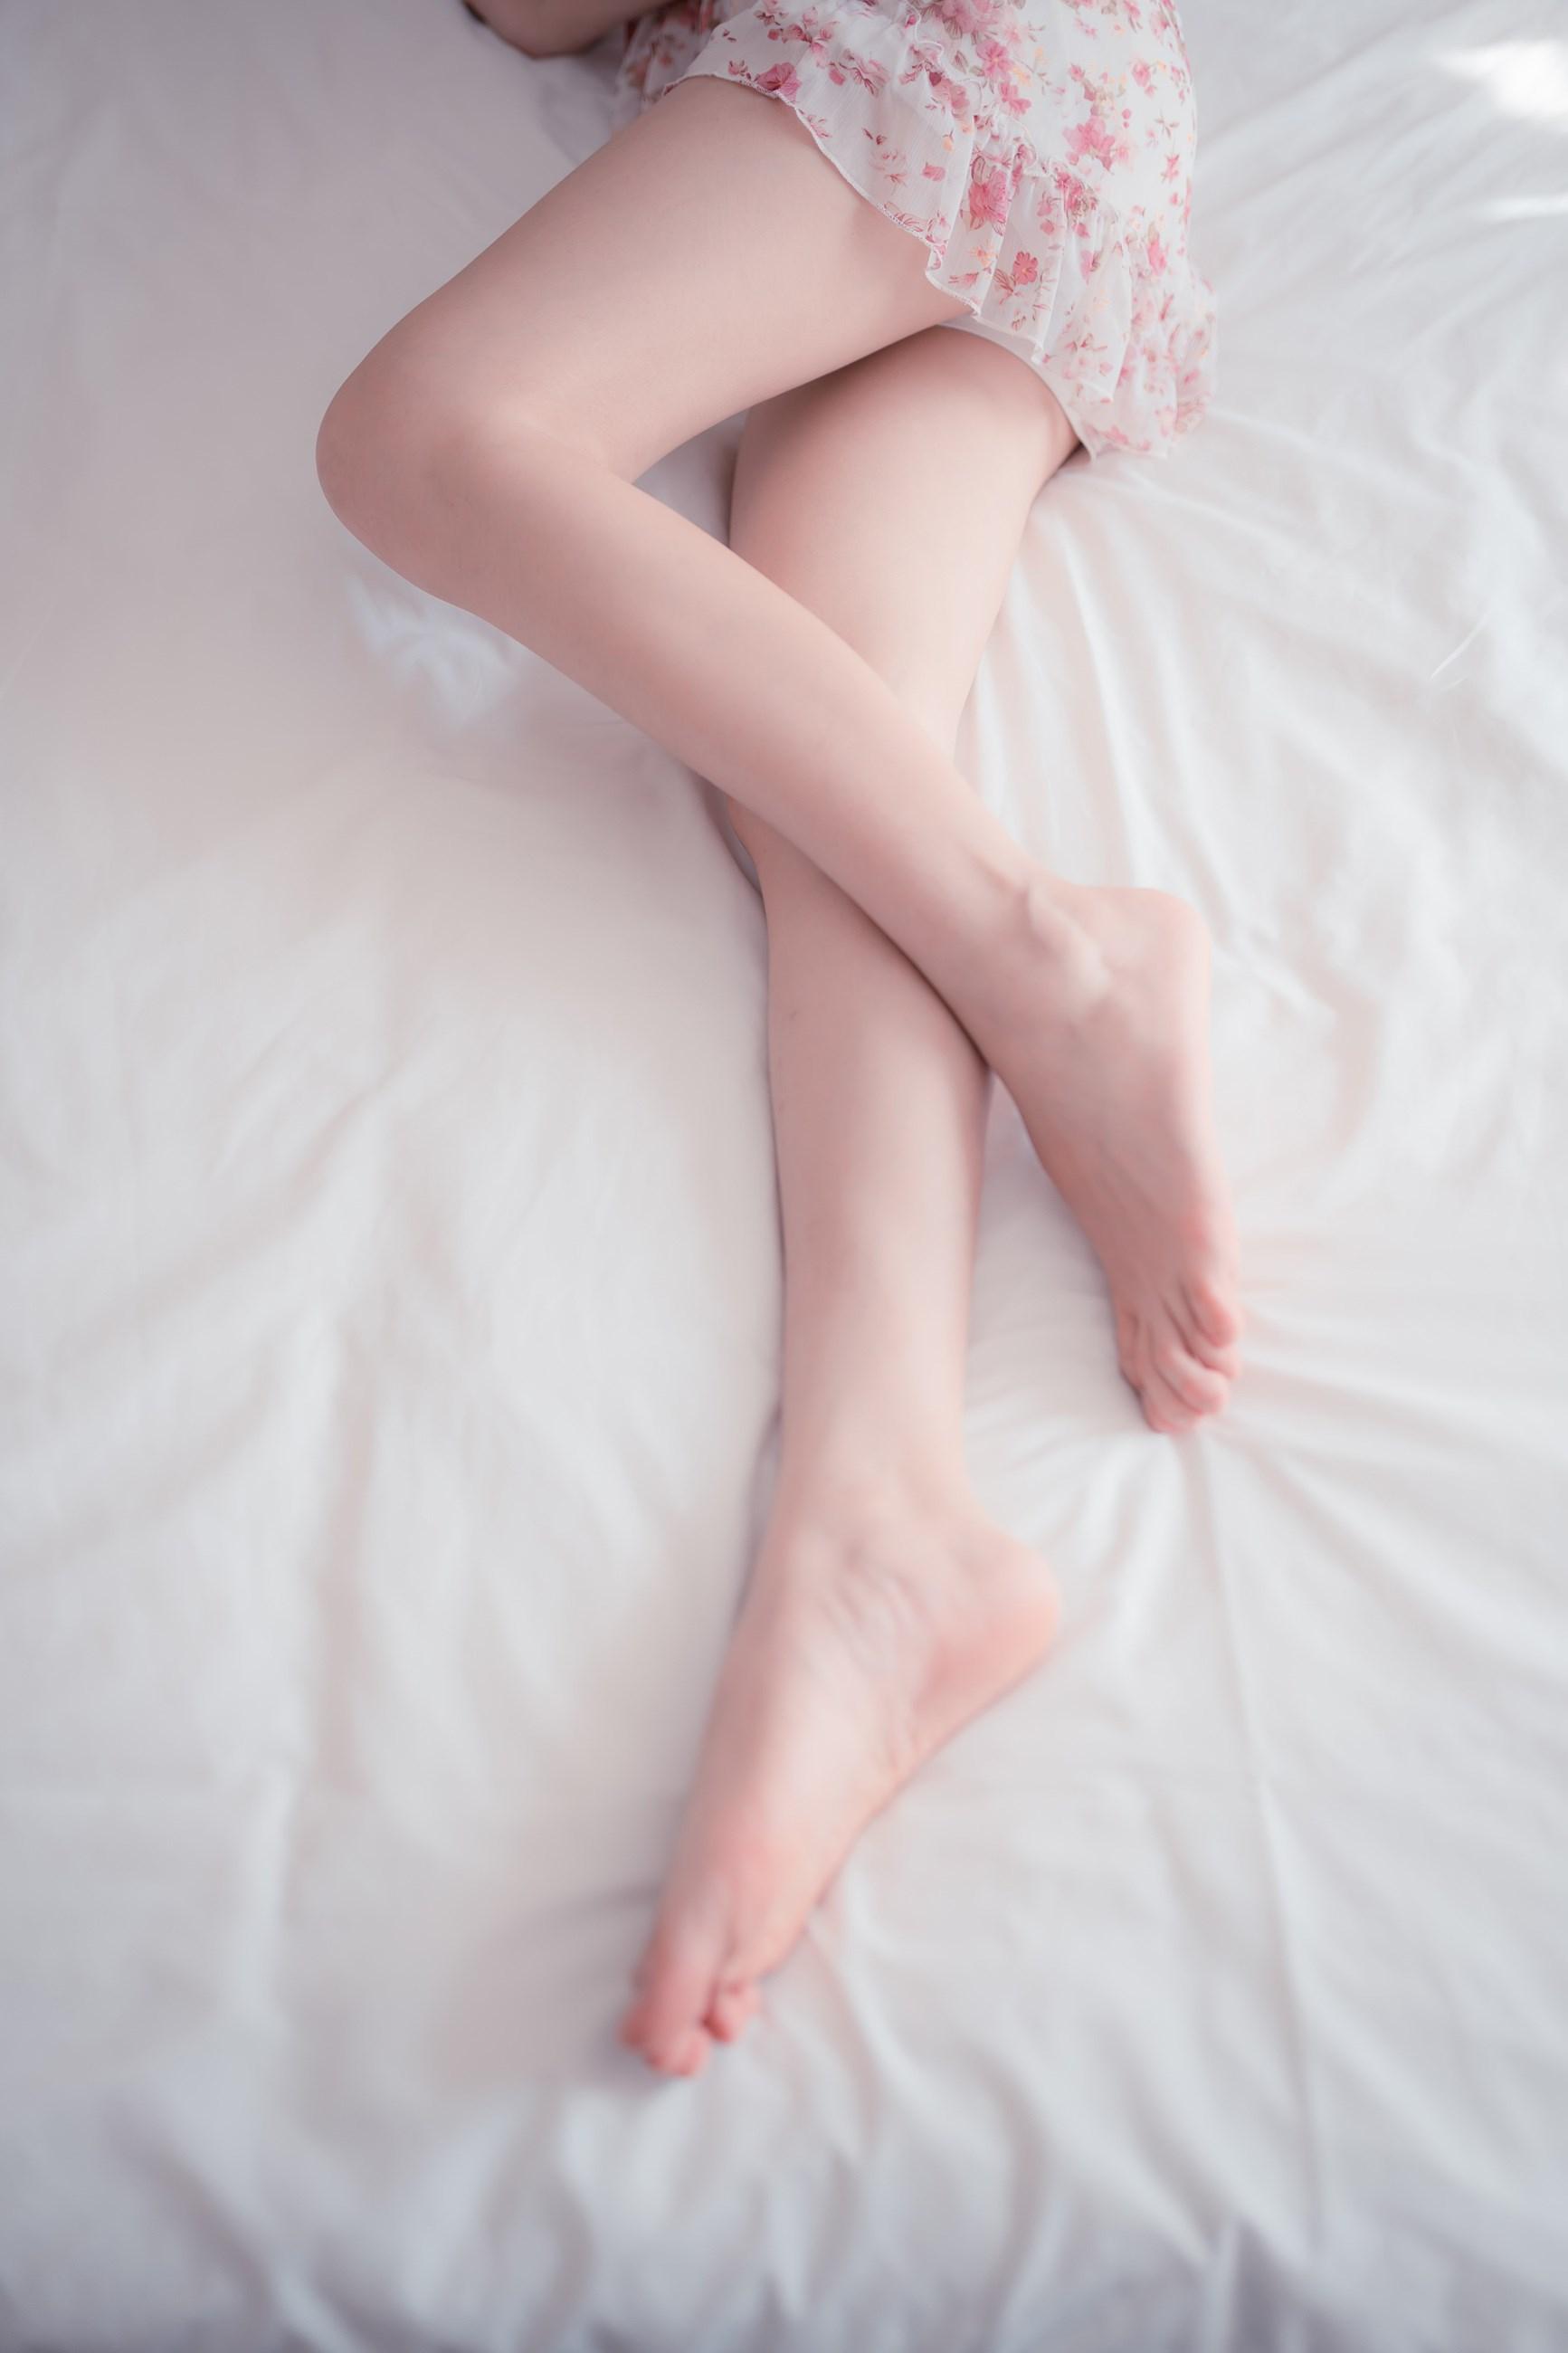 【兔玩映画】粉嫩嫩的小腿 兔玩映画 第1张